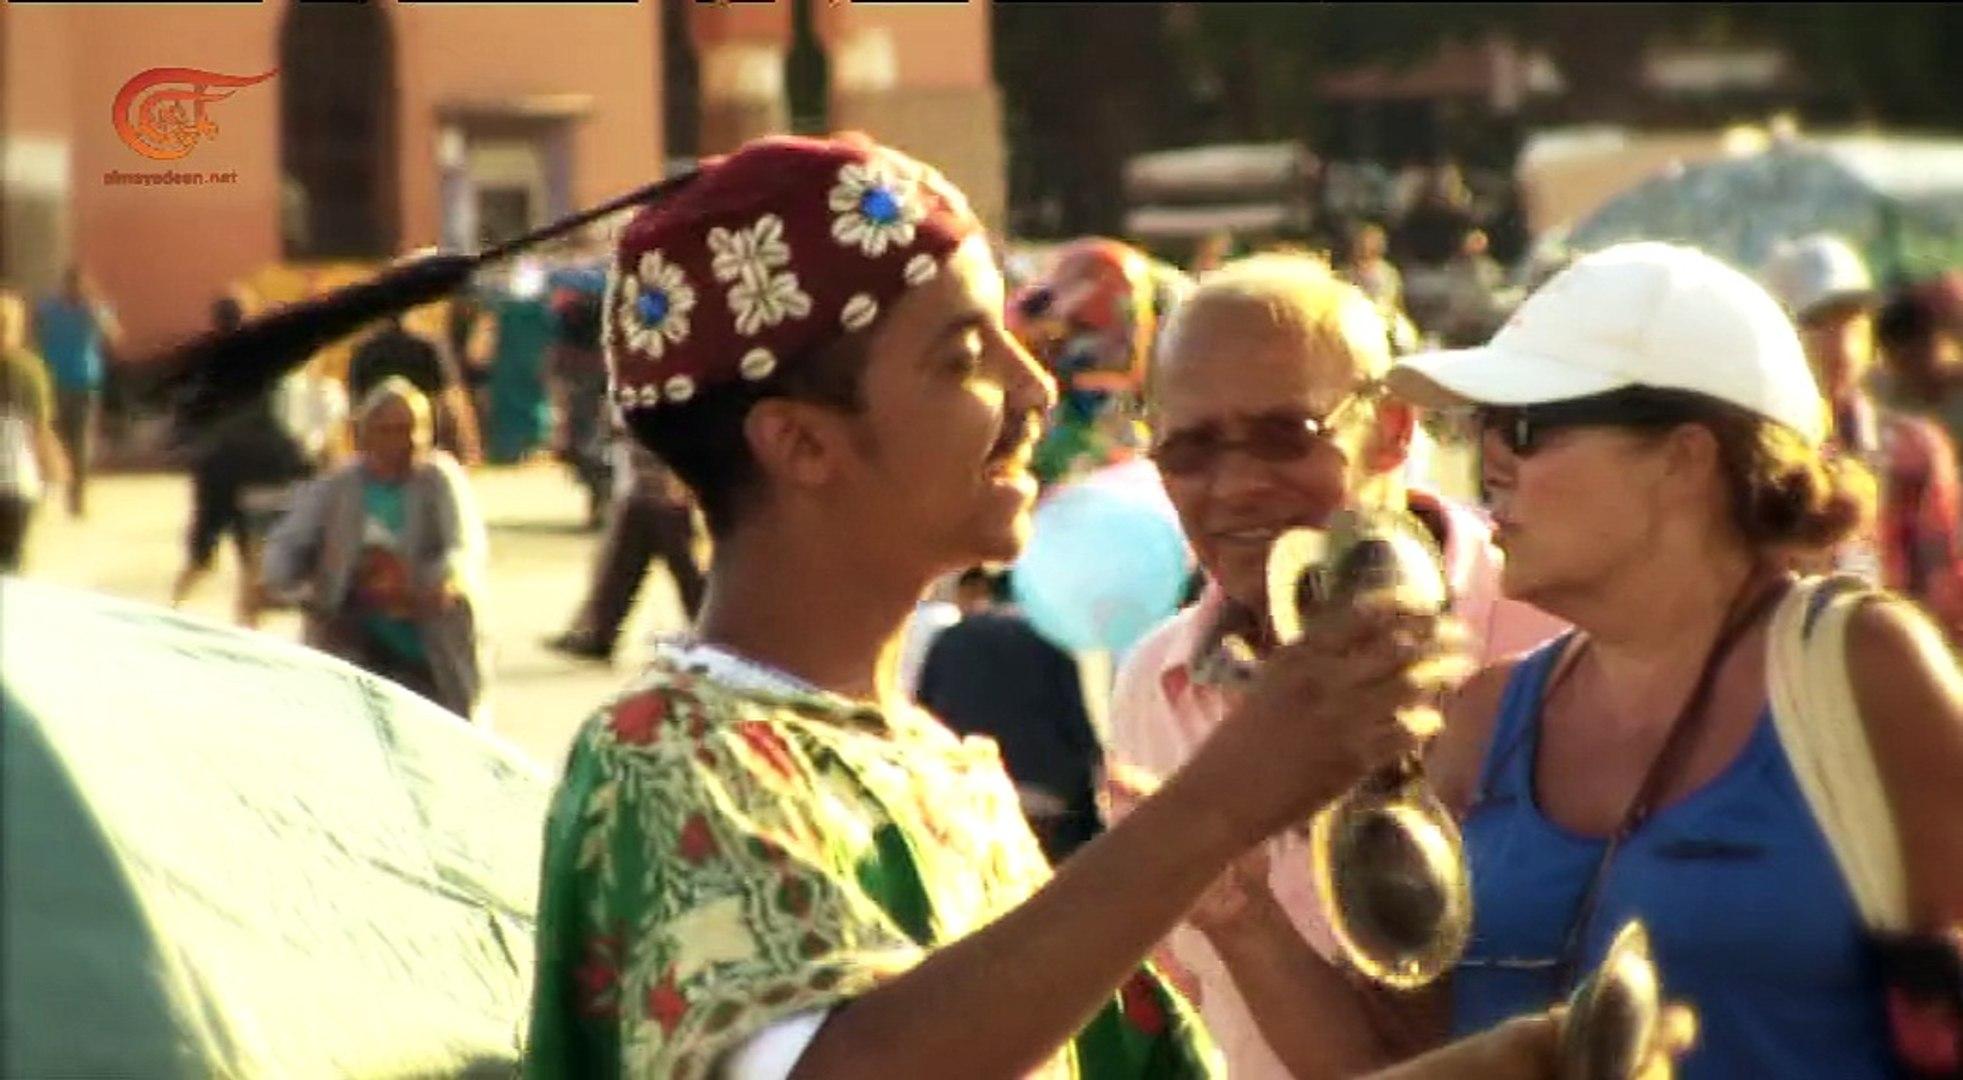 موسيقى الشعوب | عبير نعمة في موسيقى الشعوب | المغرب على وقع موسيقى الأمازيغ | 2016-10-30